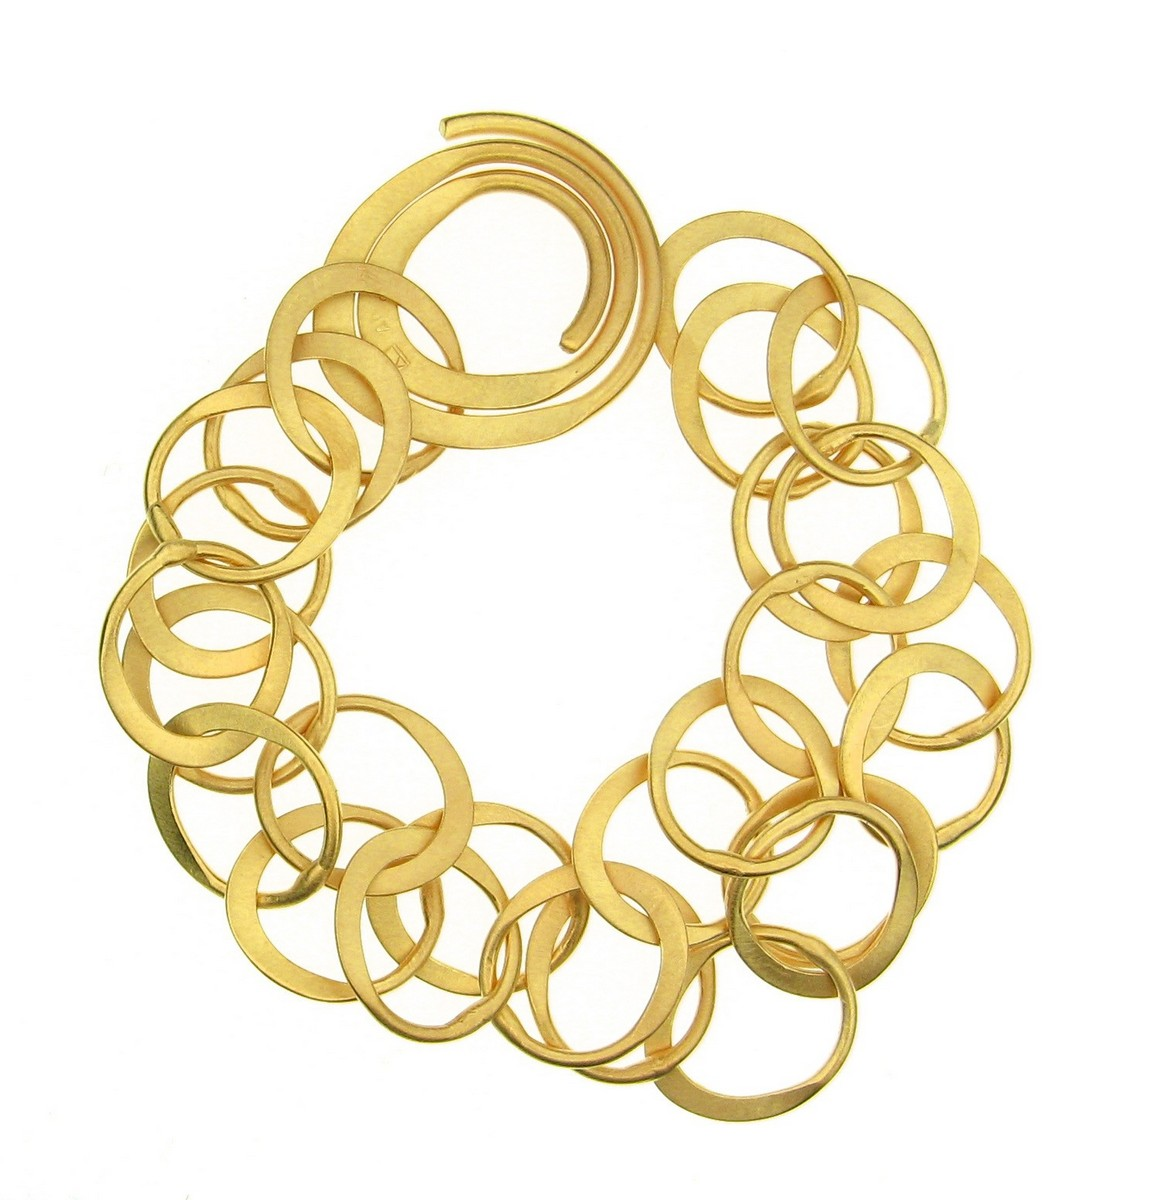 Armband 925 Silber goldplatt. - Antje Liebscher - 10624